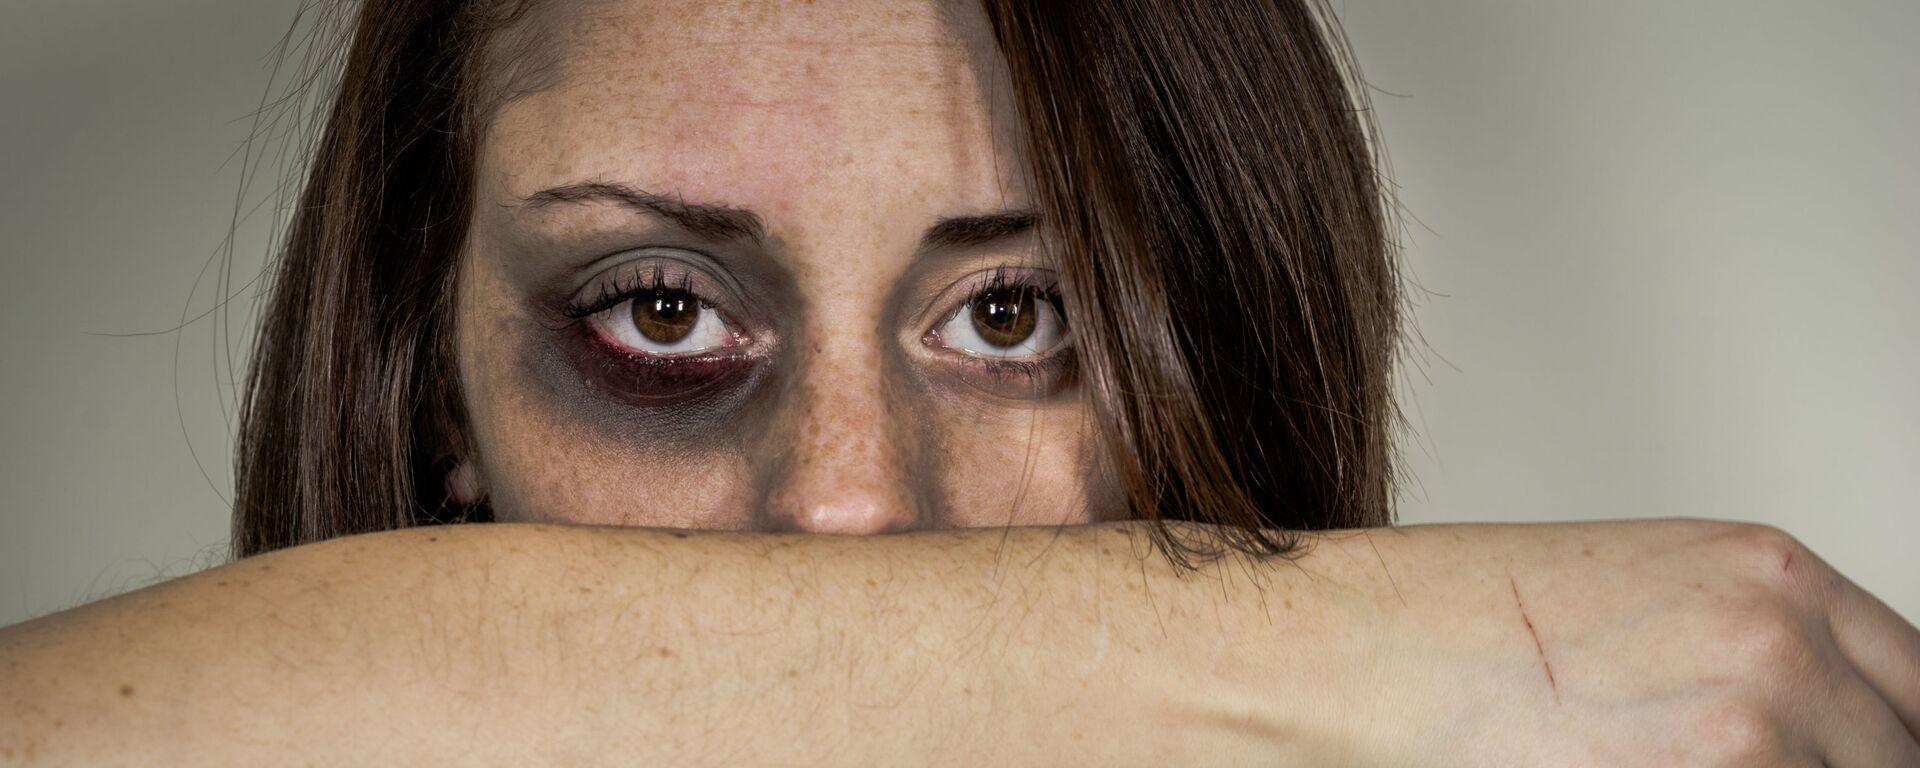 Violenza contro le donne - Sputnik Italia, 1920, 17.05.2021